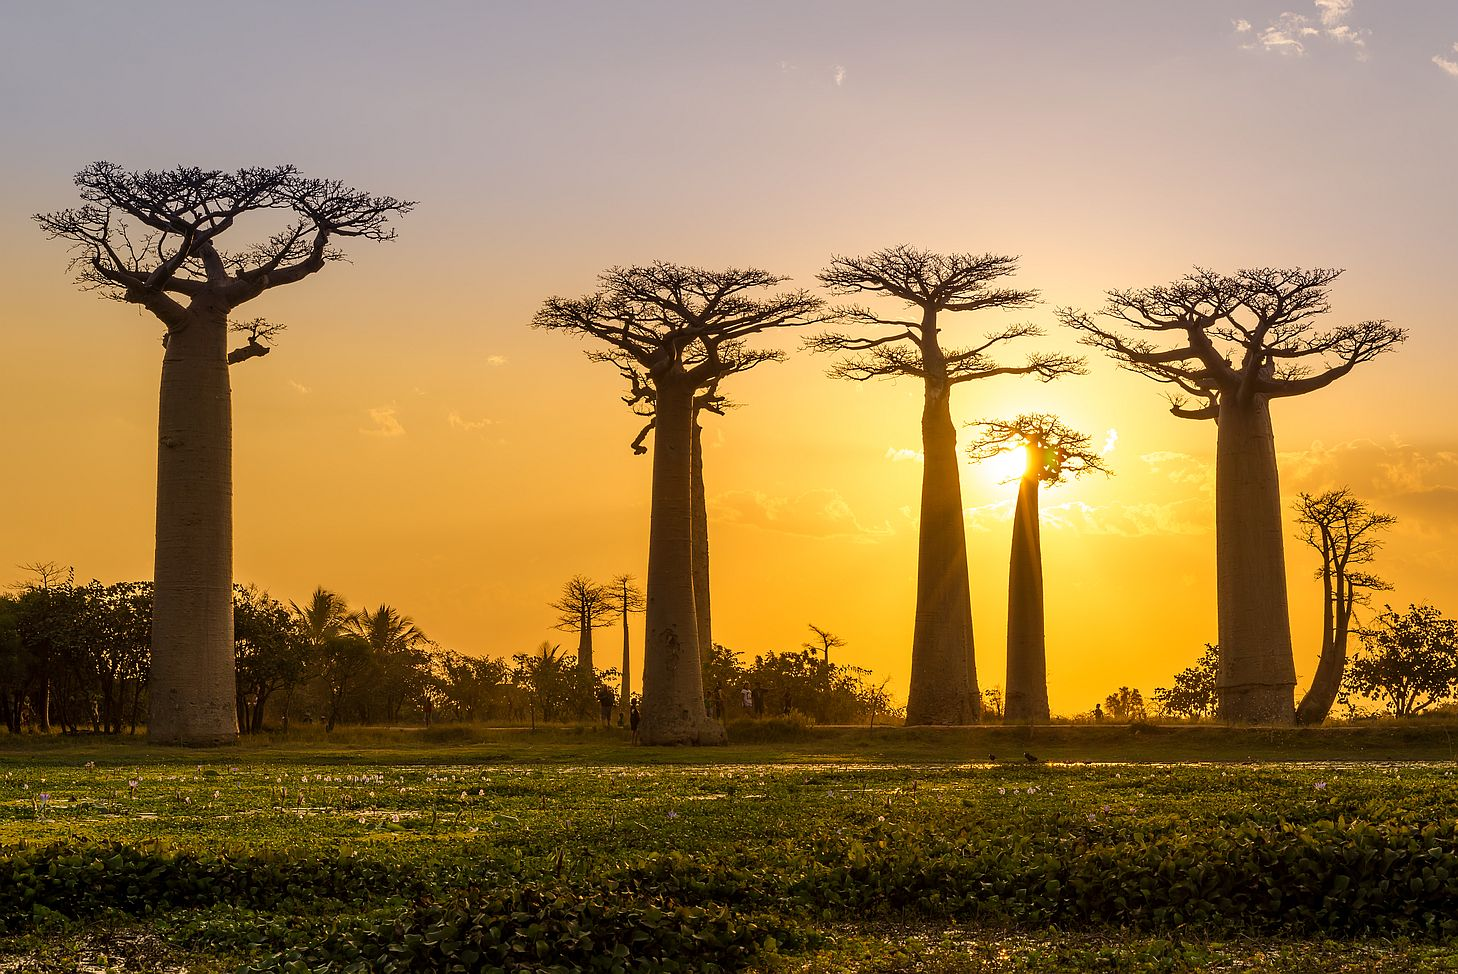 Baobaby si kmenech schovávají vodu na horší časy, proto jsou tak široké.